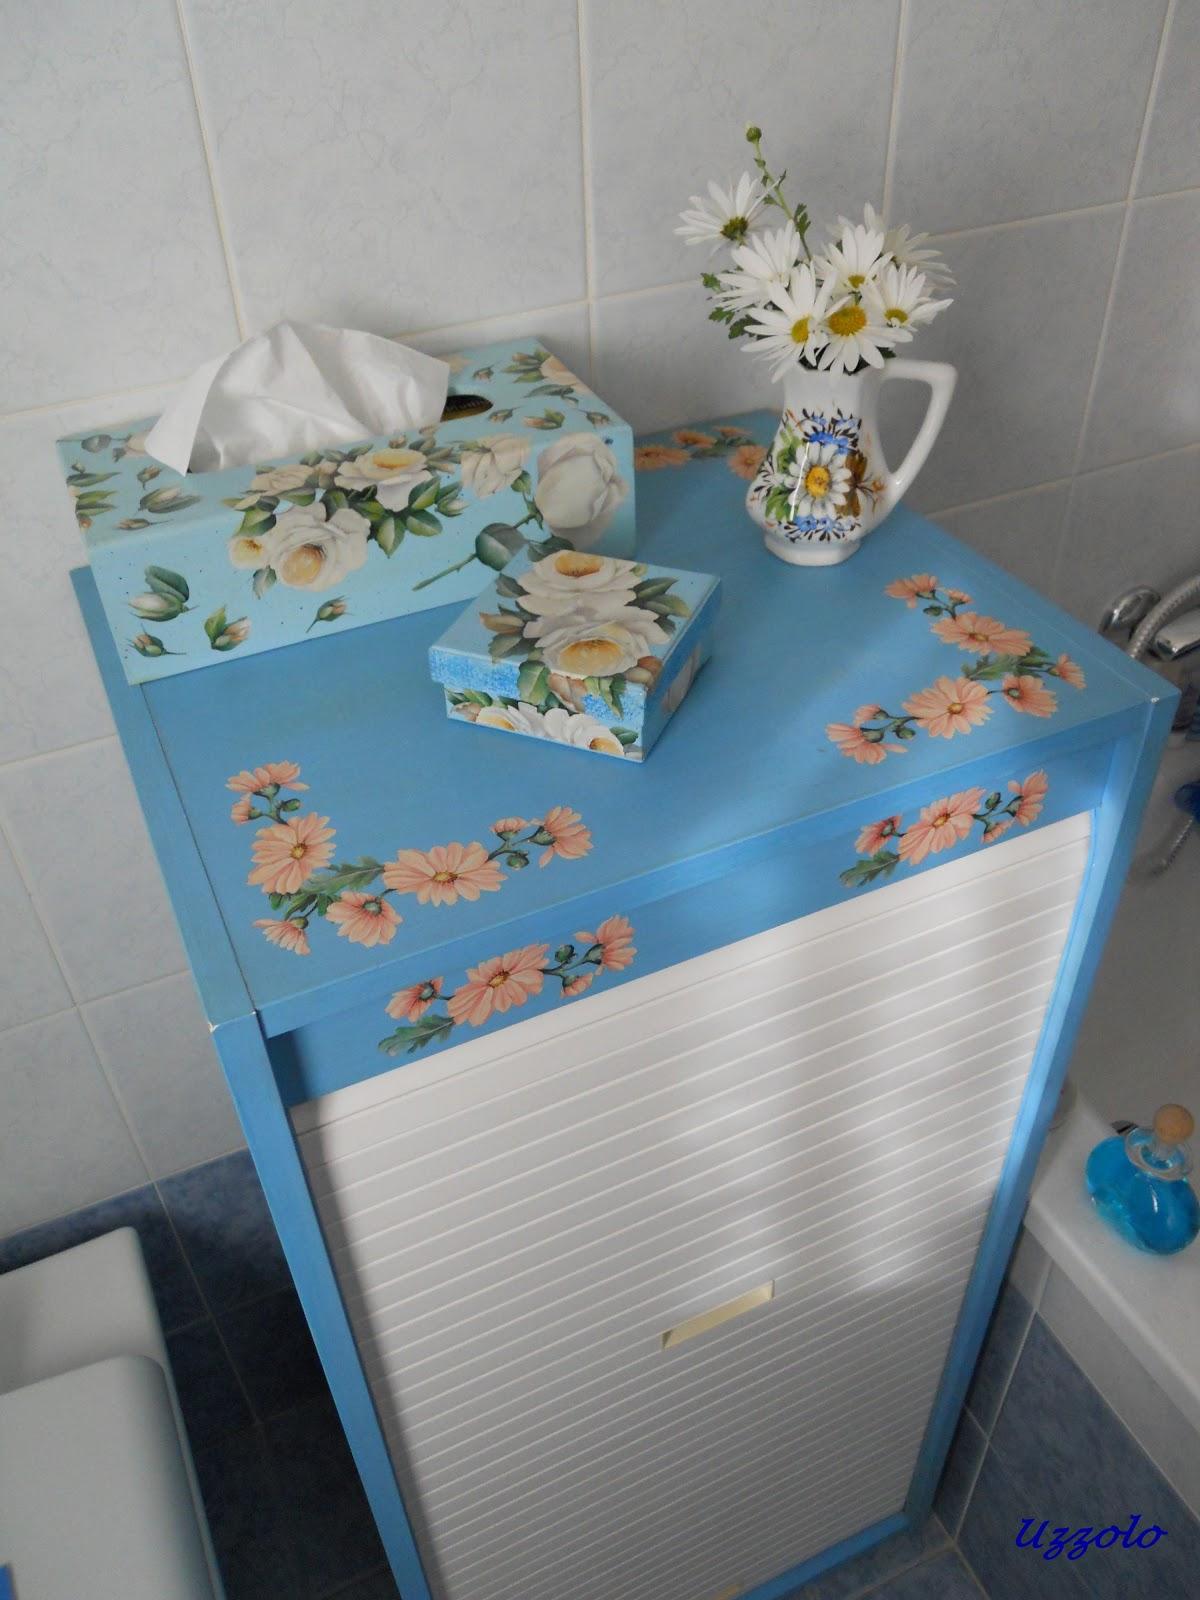 Uzzolo rinnovare un mobile per il bagno - Rinnovare il bagno ...